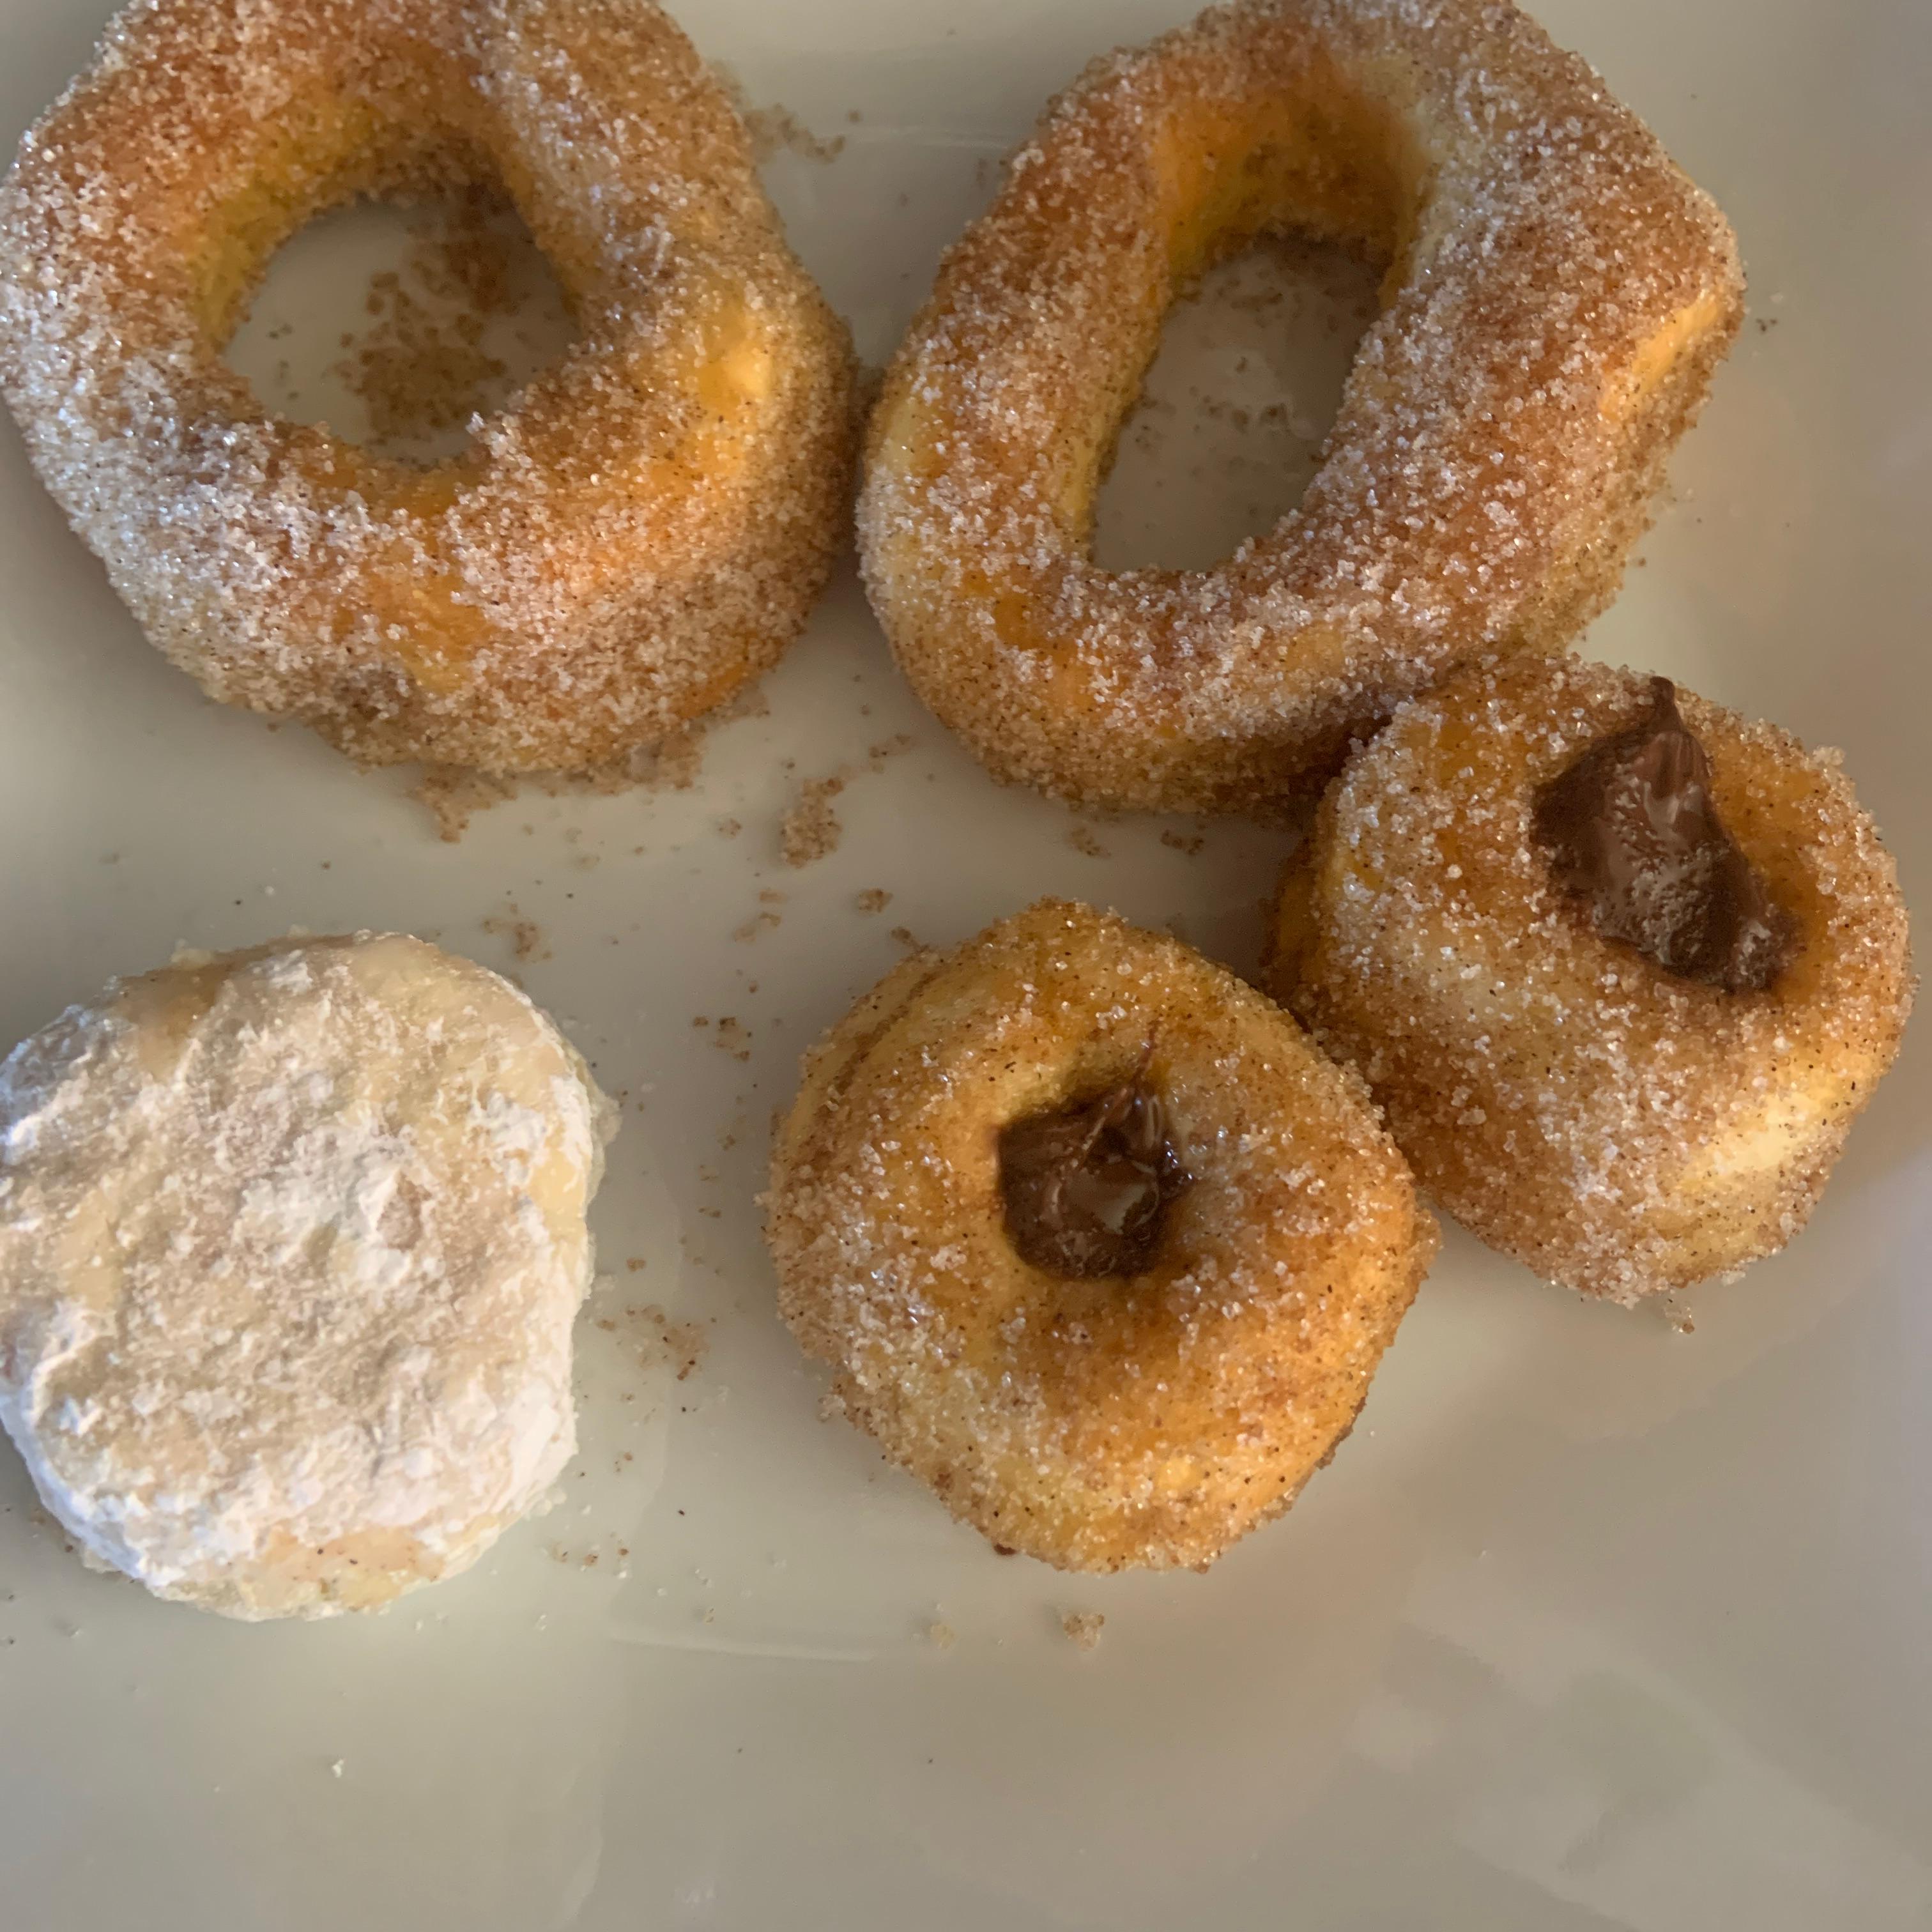 Air Fryer Cinnamon-Sugar Doughnuts